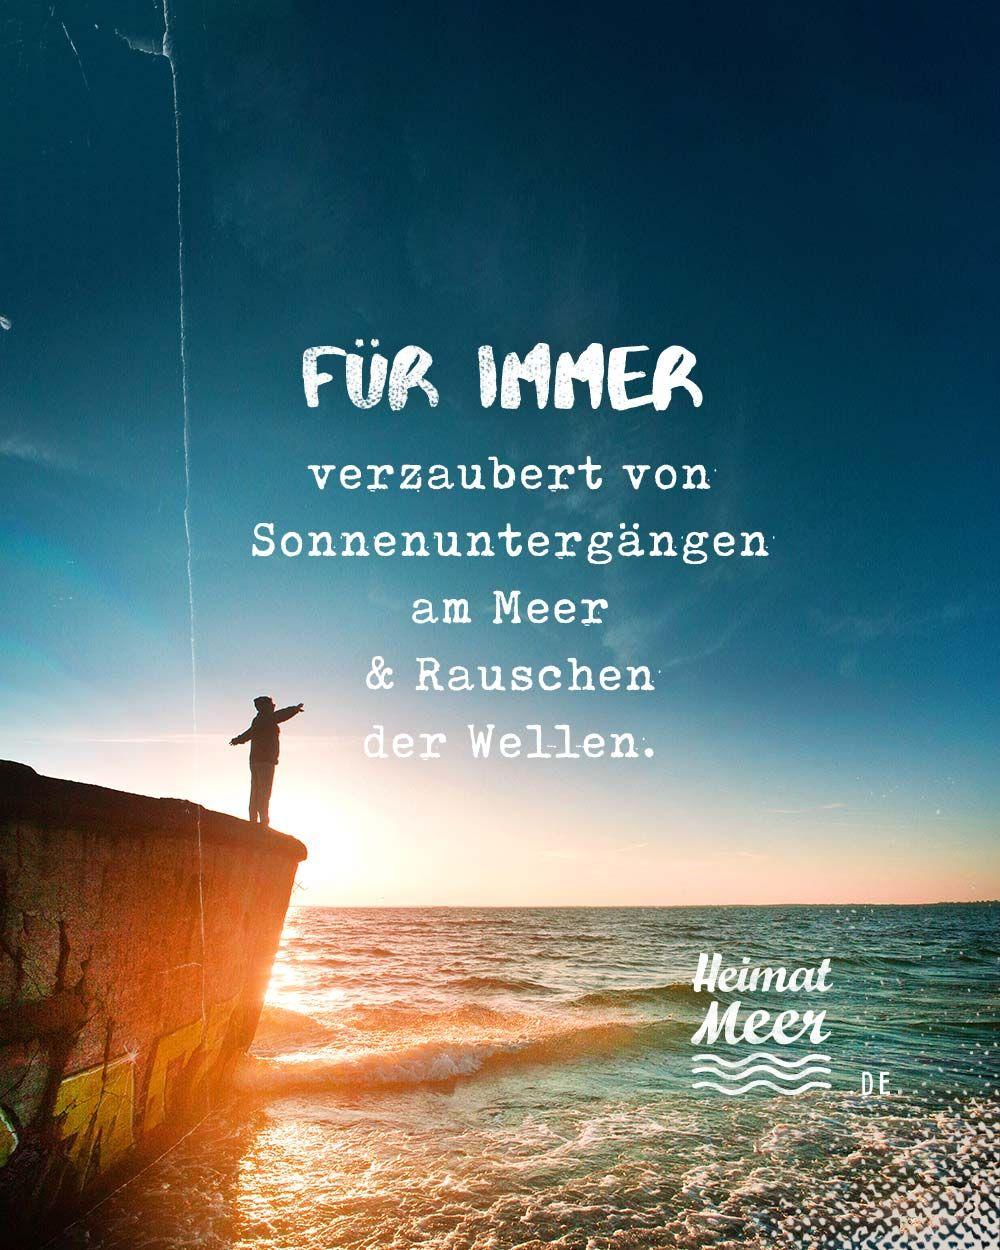 FÜR IMMER verzaubert von Sonnenuntergängen am Meer & Rauschen der Wellen. Für alle, die das Meer lieben >>